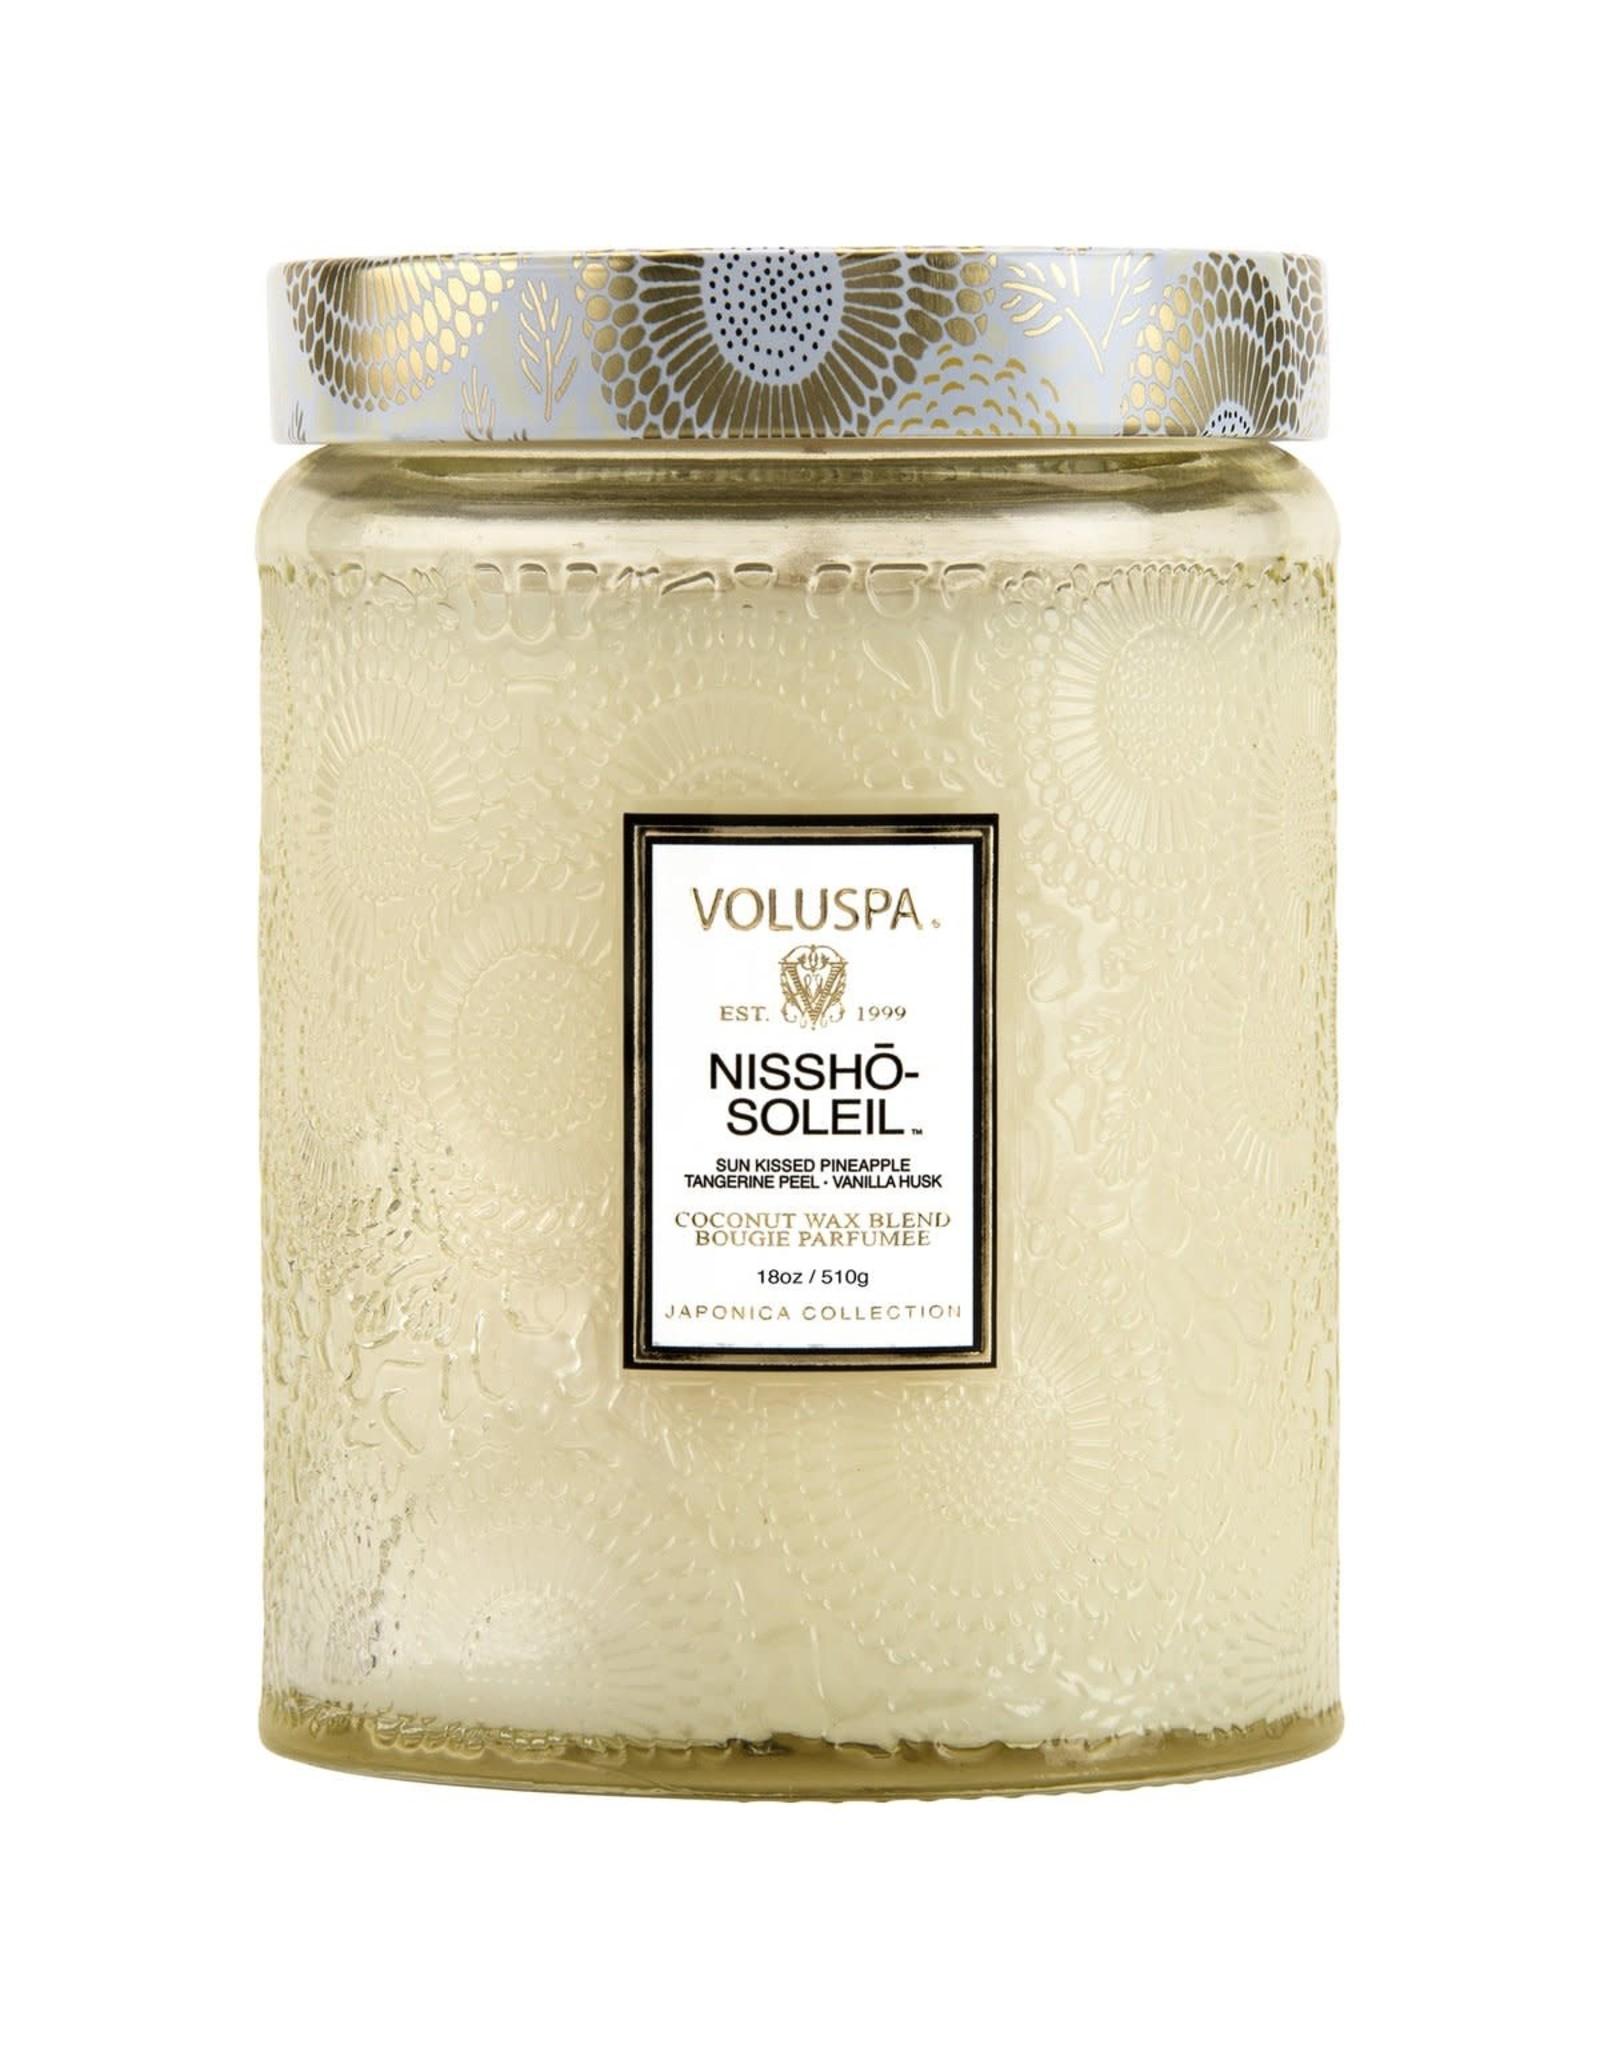 Voluspa Nissho-Soleil - Candle